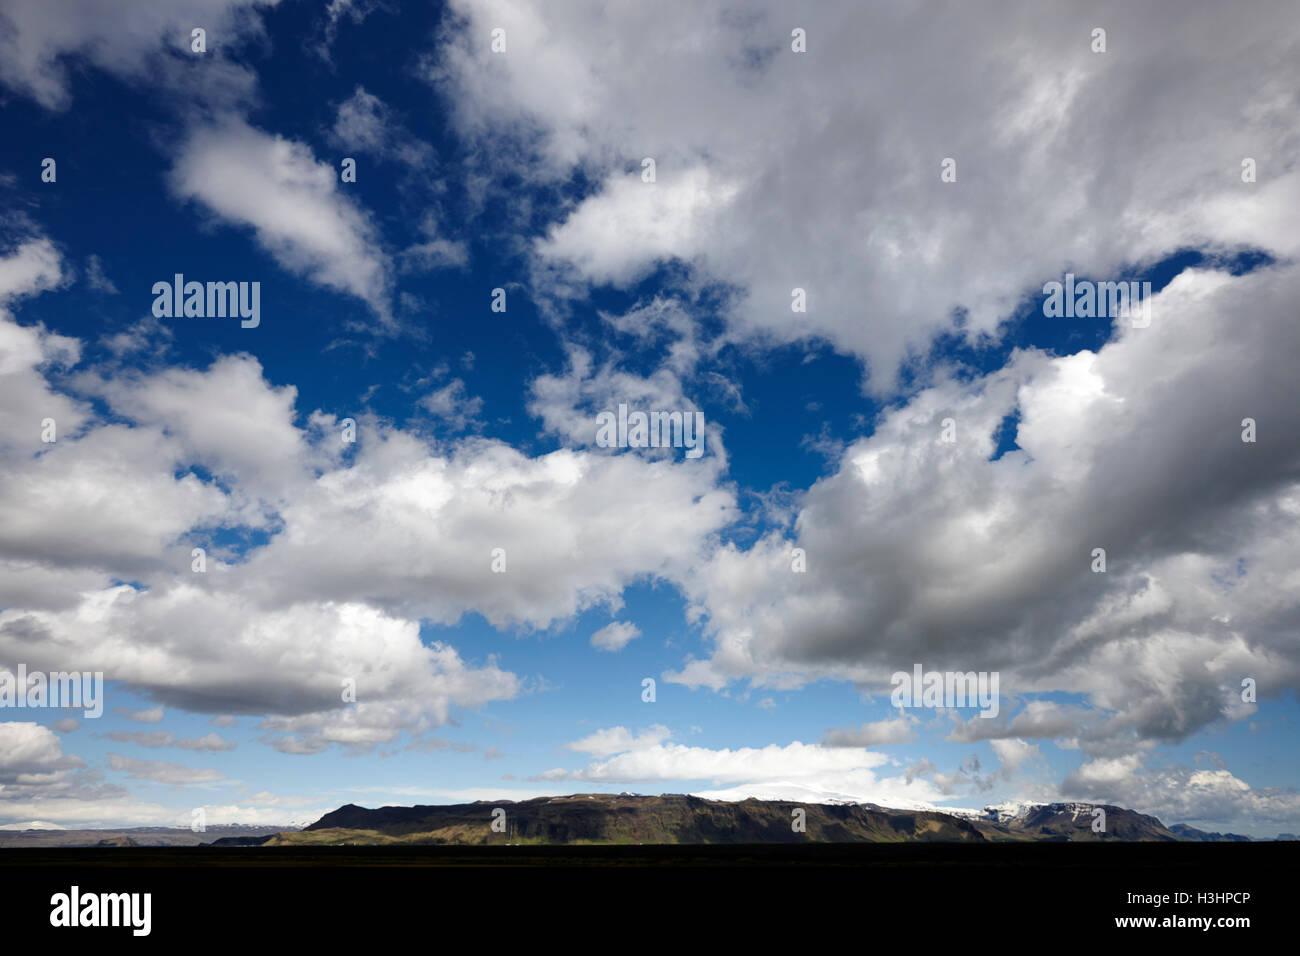 Las nubes blancas en el cielo azul sobre abrir tierras agrícolas en el sur de Islandia Foto de stock